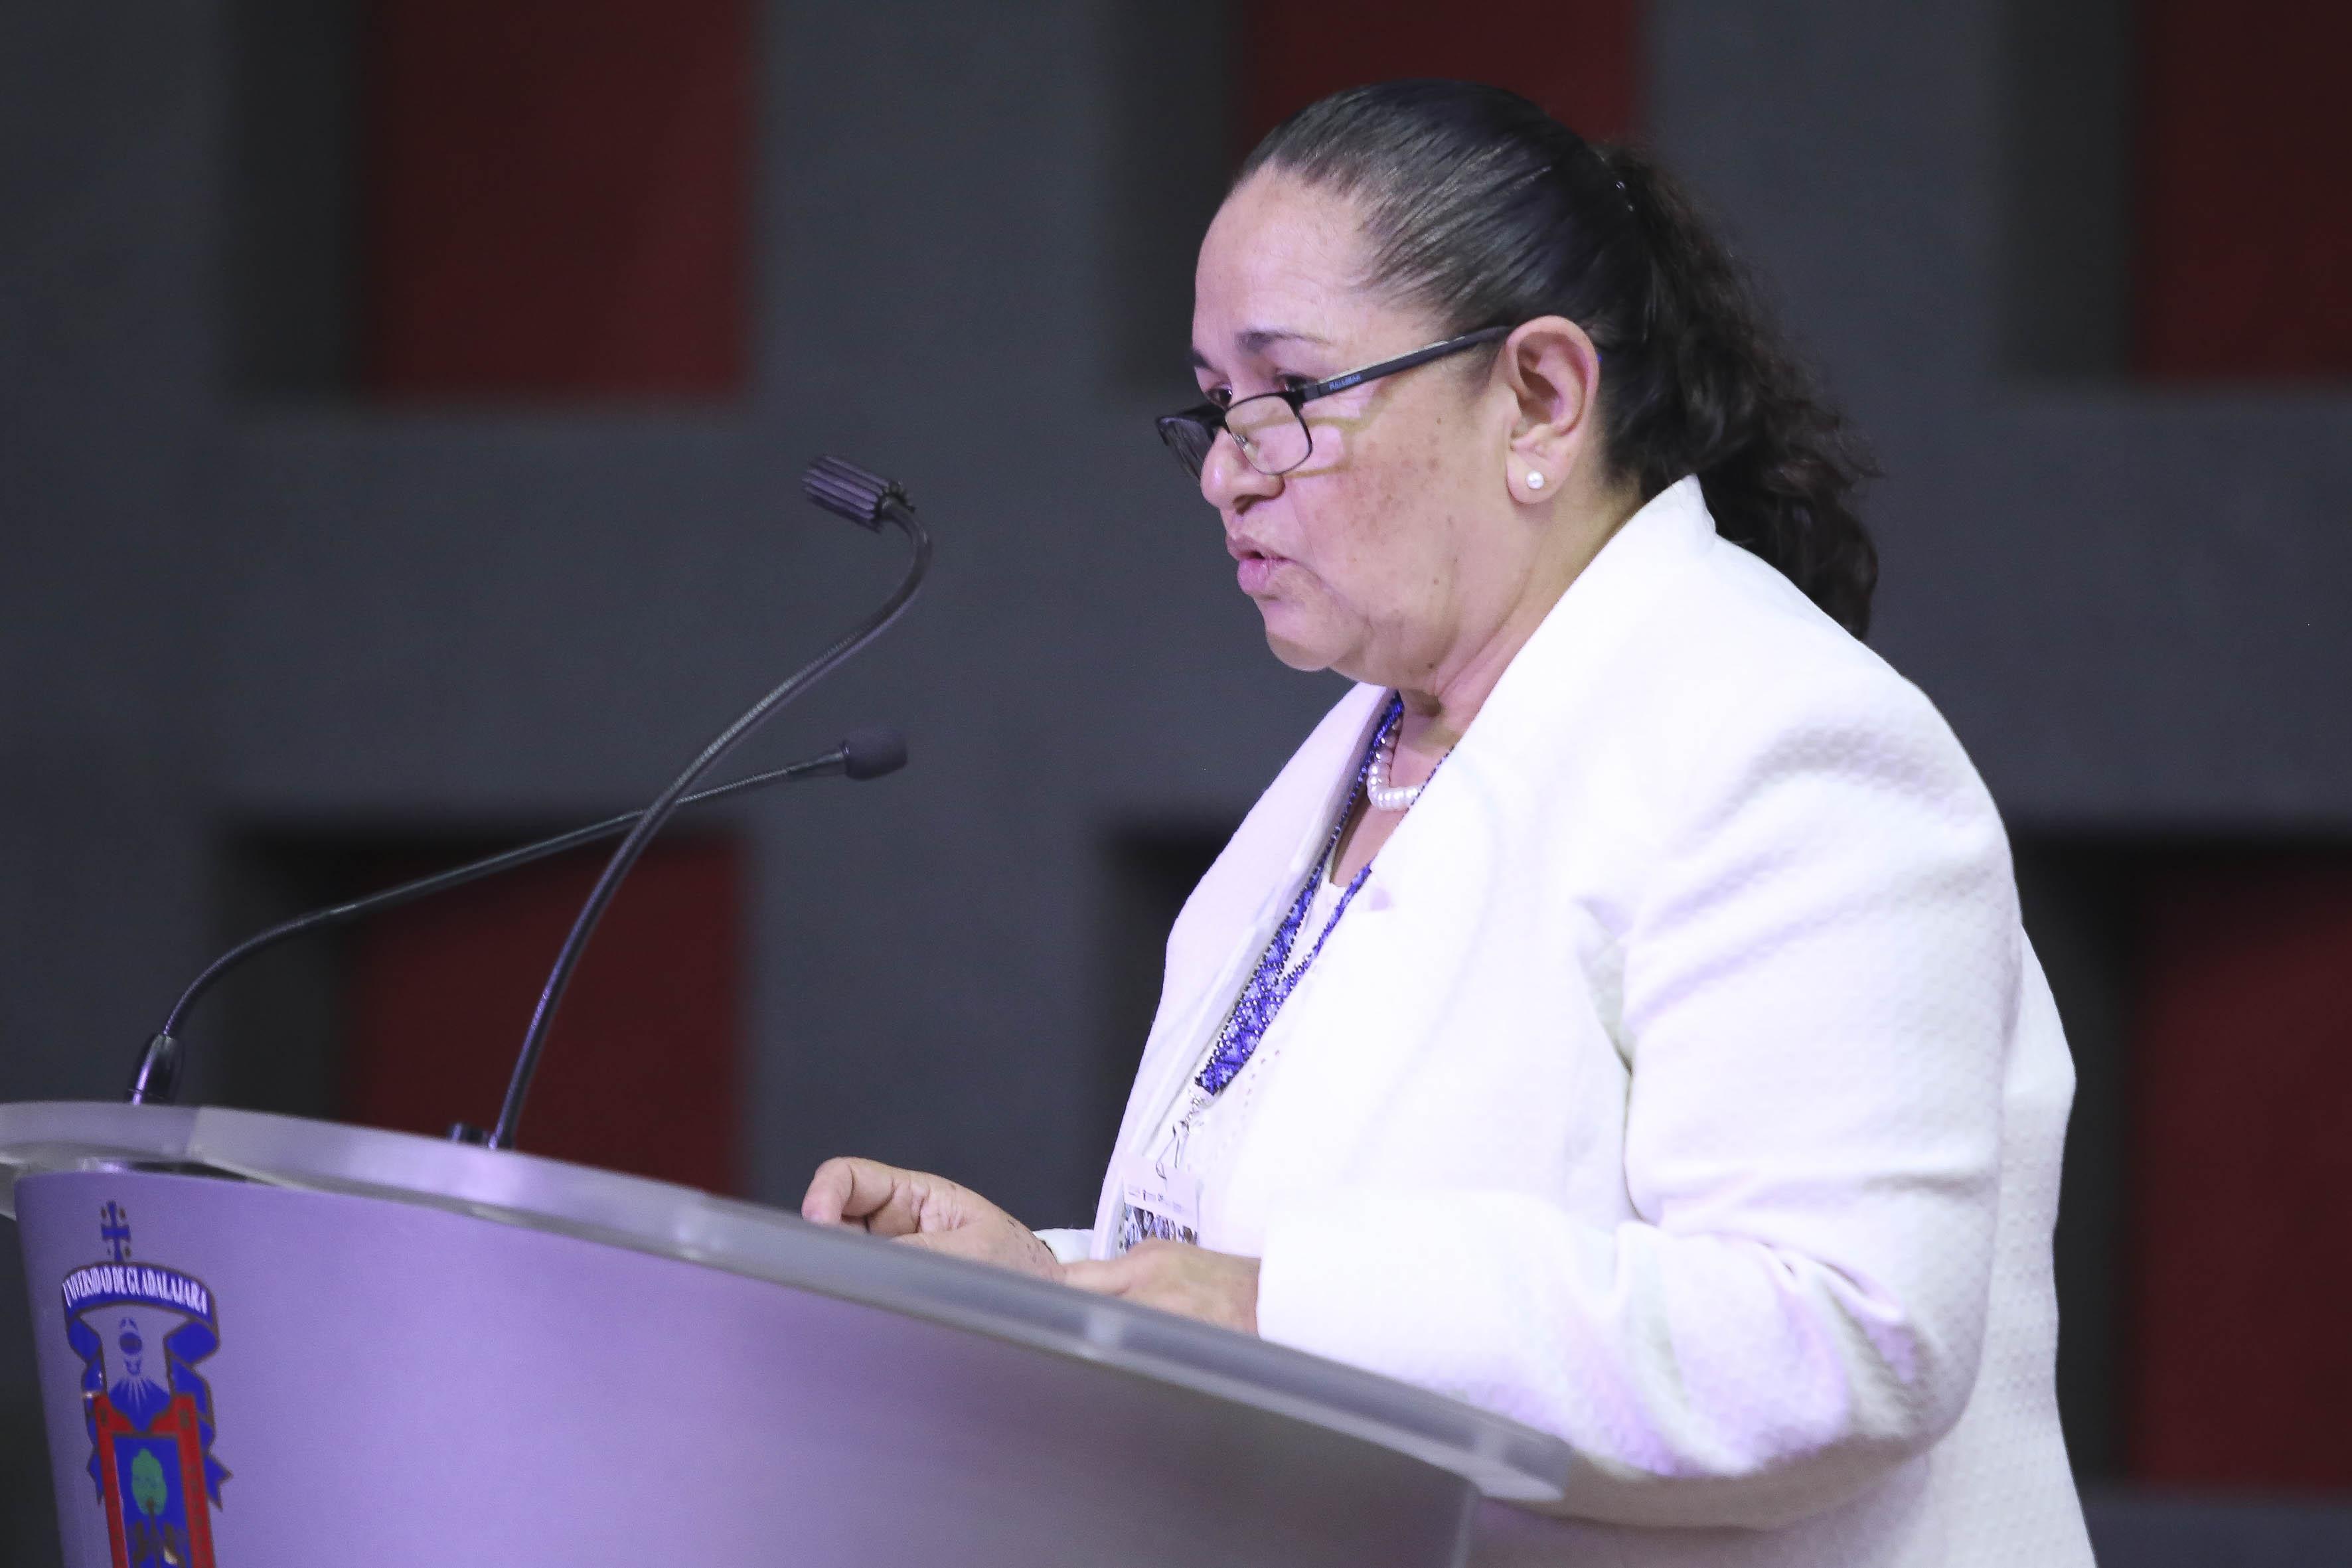 Dra. Sonia Reynaga Obregón, coordinadora General Administrativa dando mensaje inaugural en representación del rector General de la UdeG